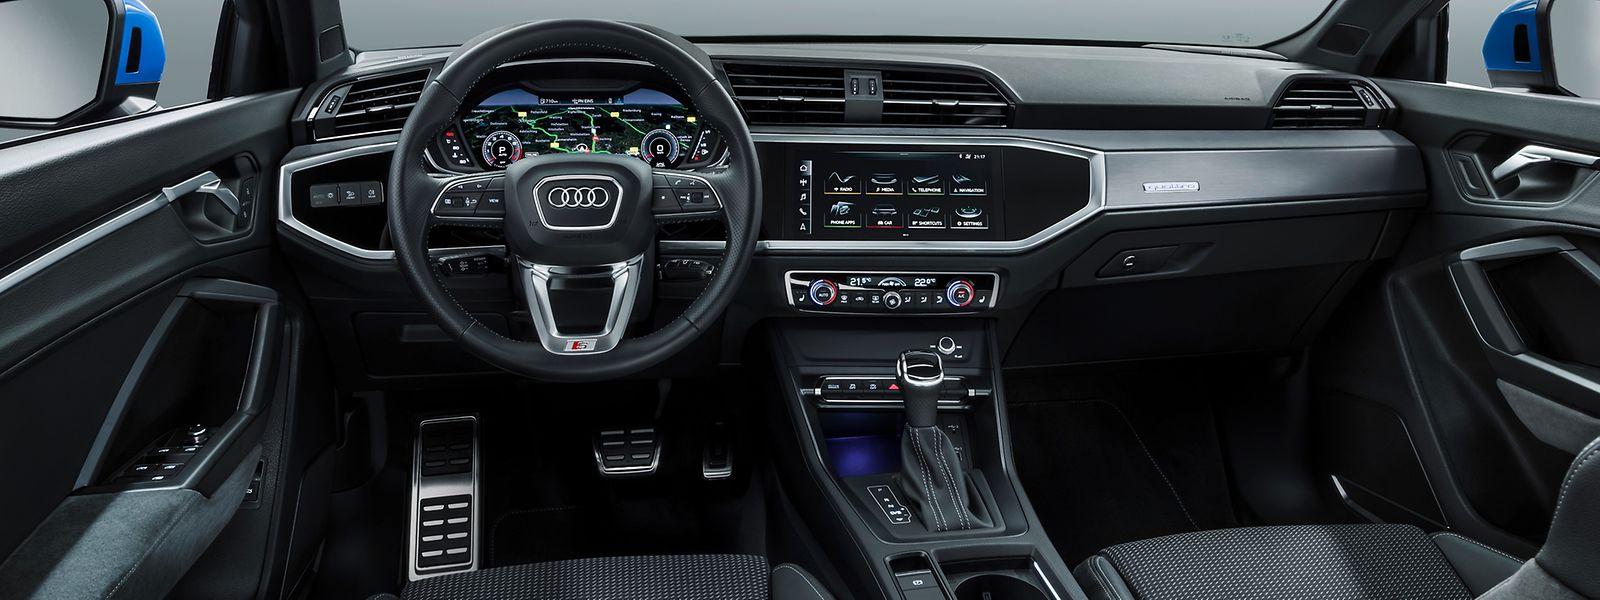 Im Cockpit des neuen Q3 spiegelt sich die Straffheit der Karosserielinie wider.